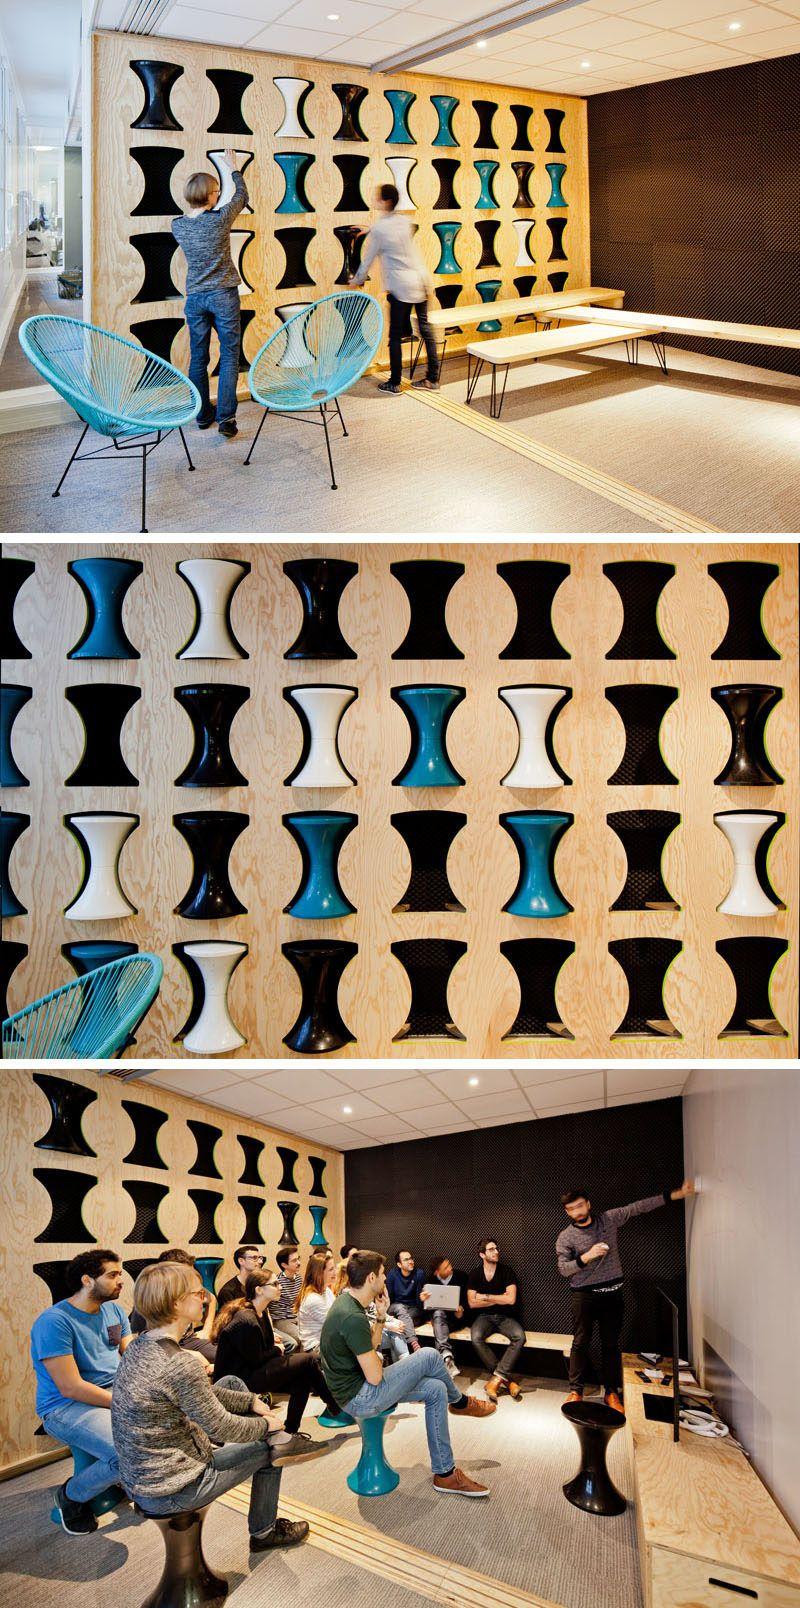 M s que muebles y su doble funcionalidad decohunter tener piezas dise adas para tener doble - Mas que muebles ...